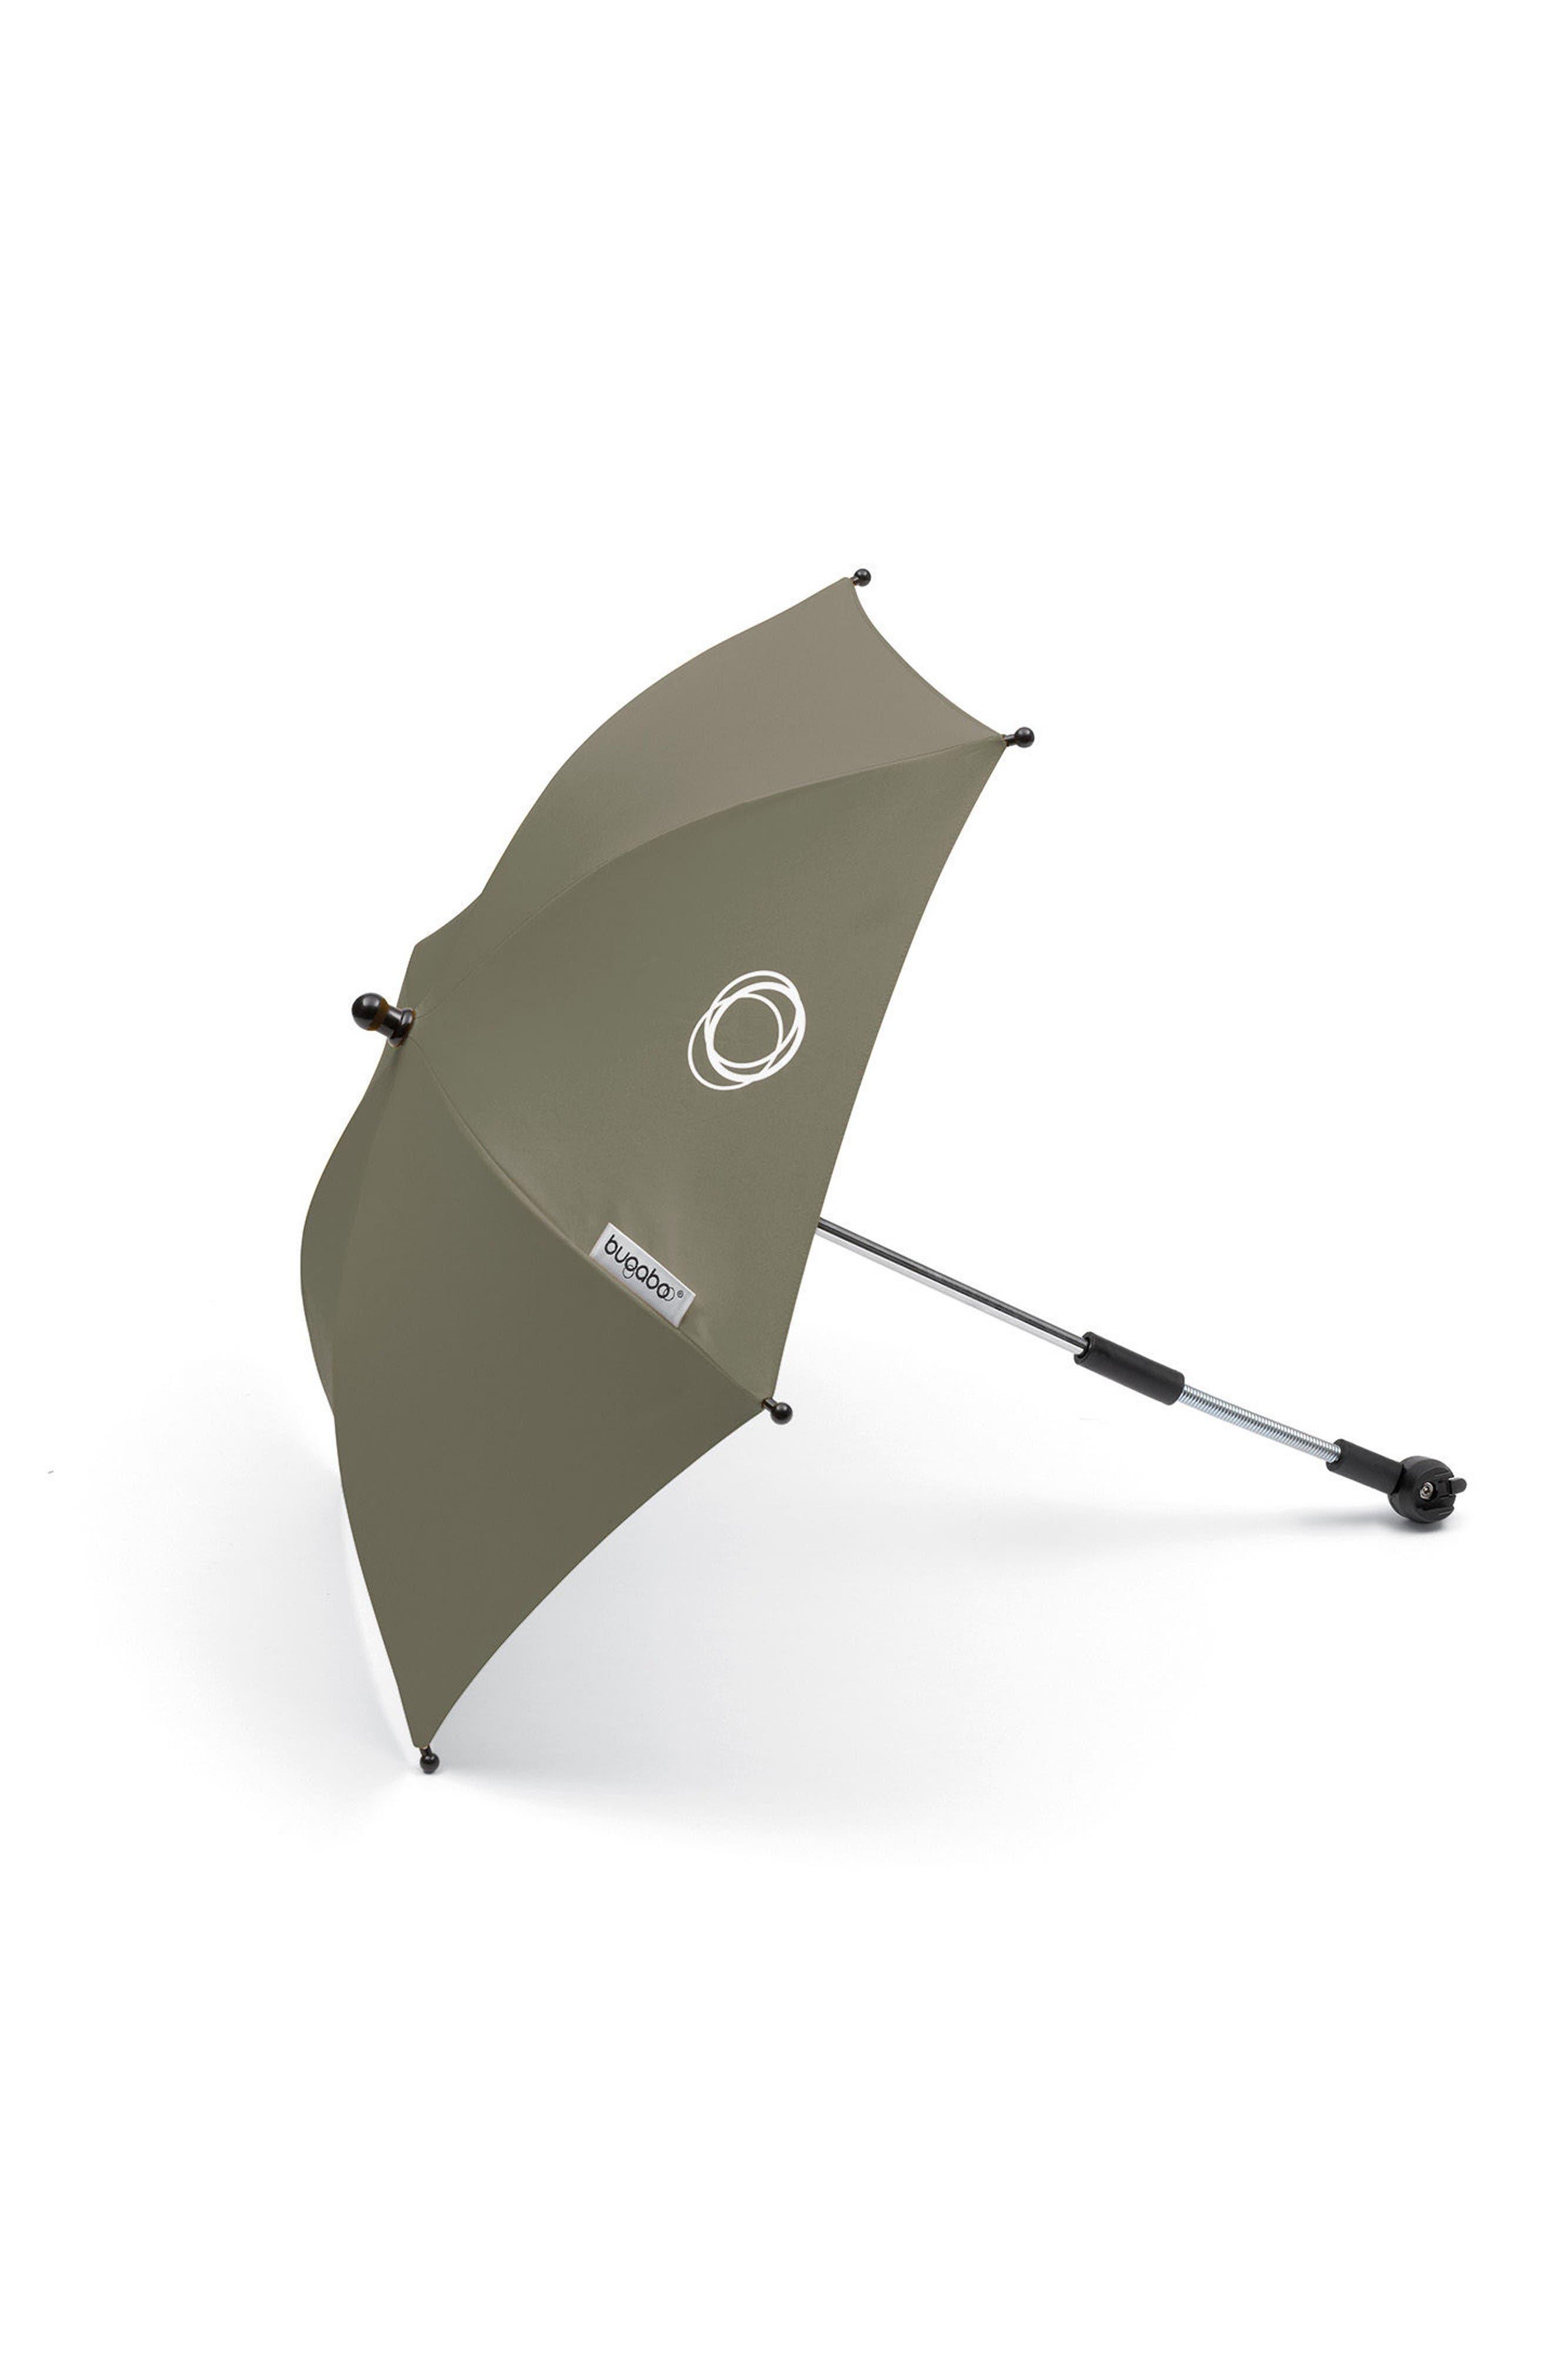 Main Image - Bugaboo Universal Stroller Parasol